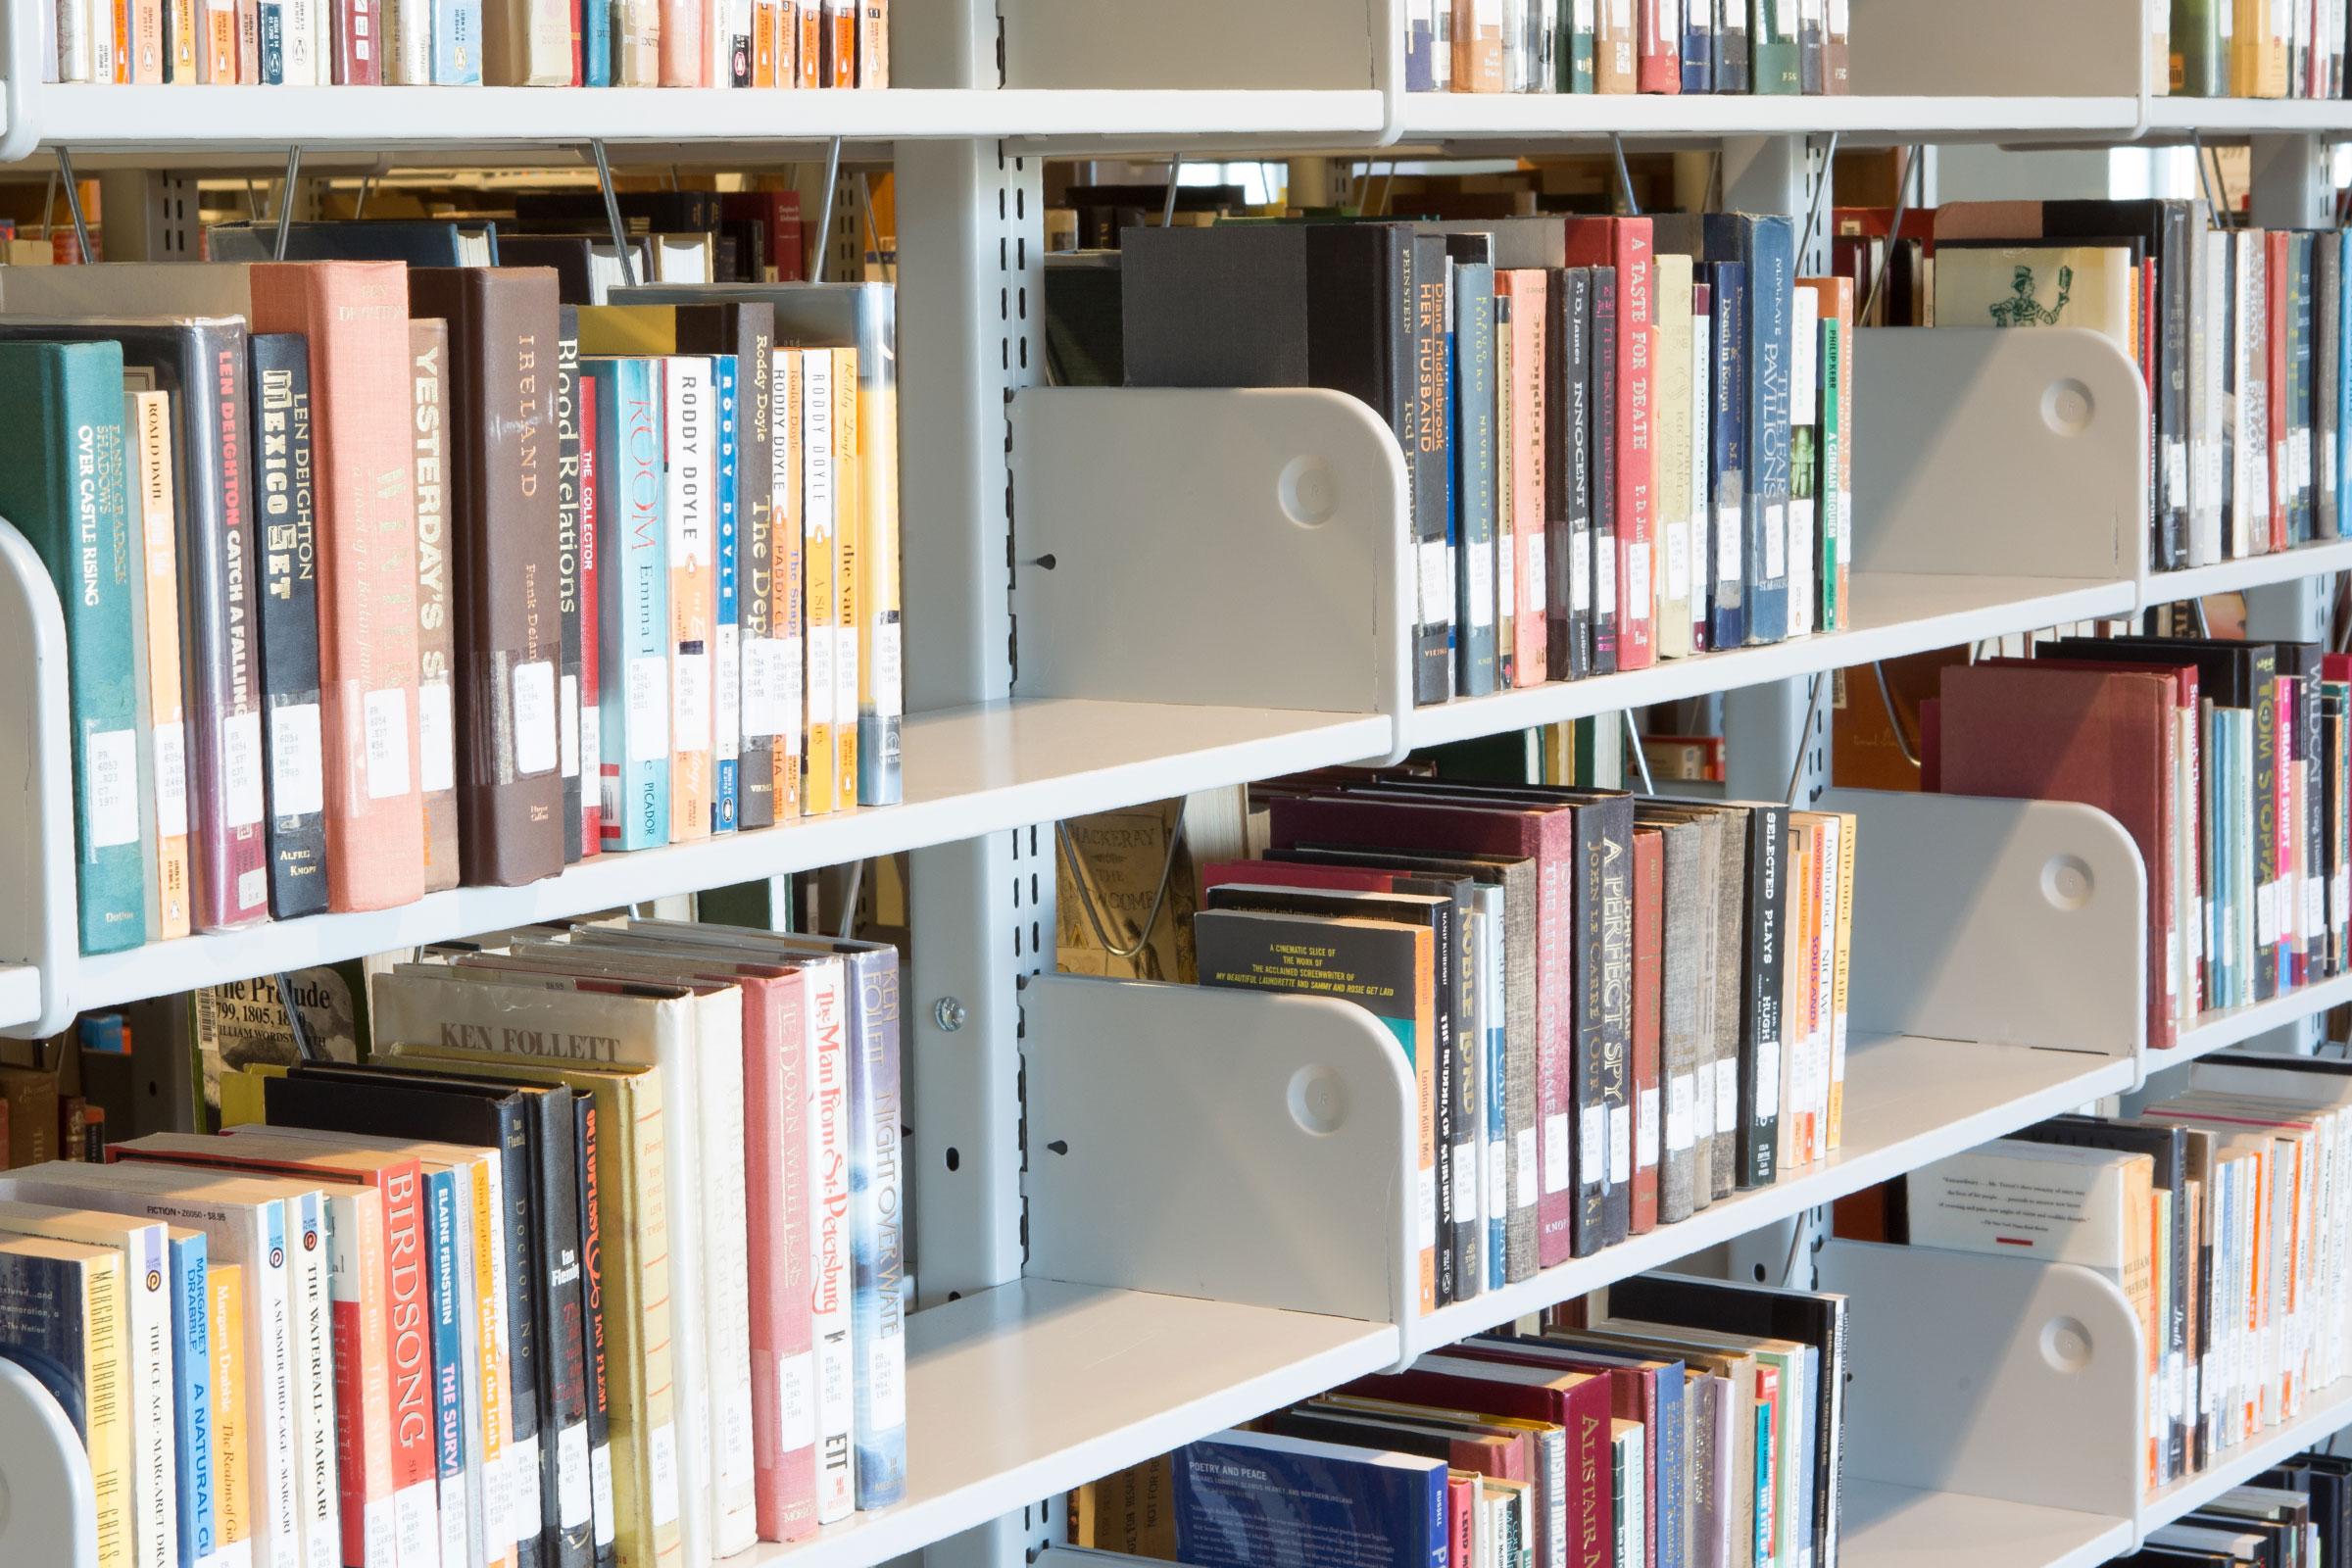 library books on shelves